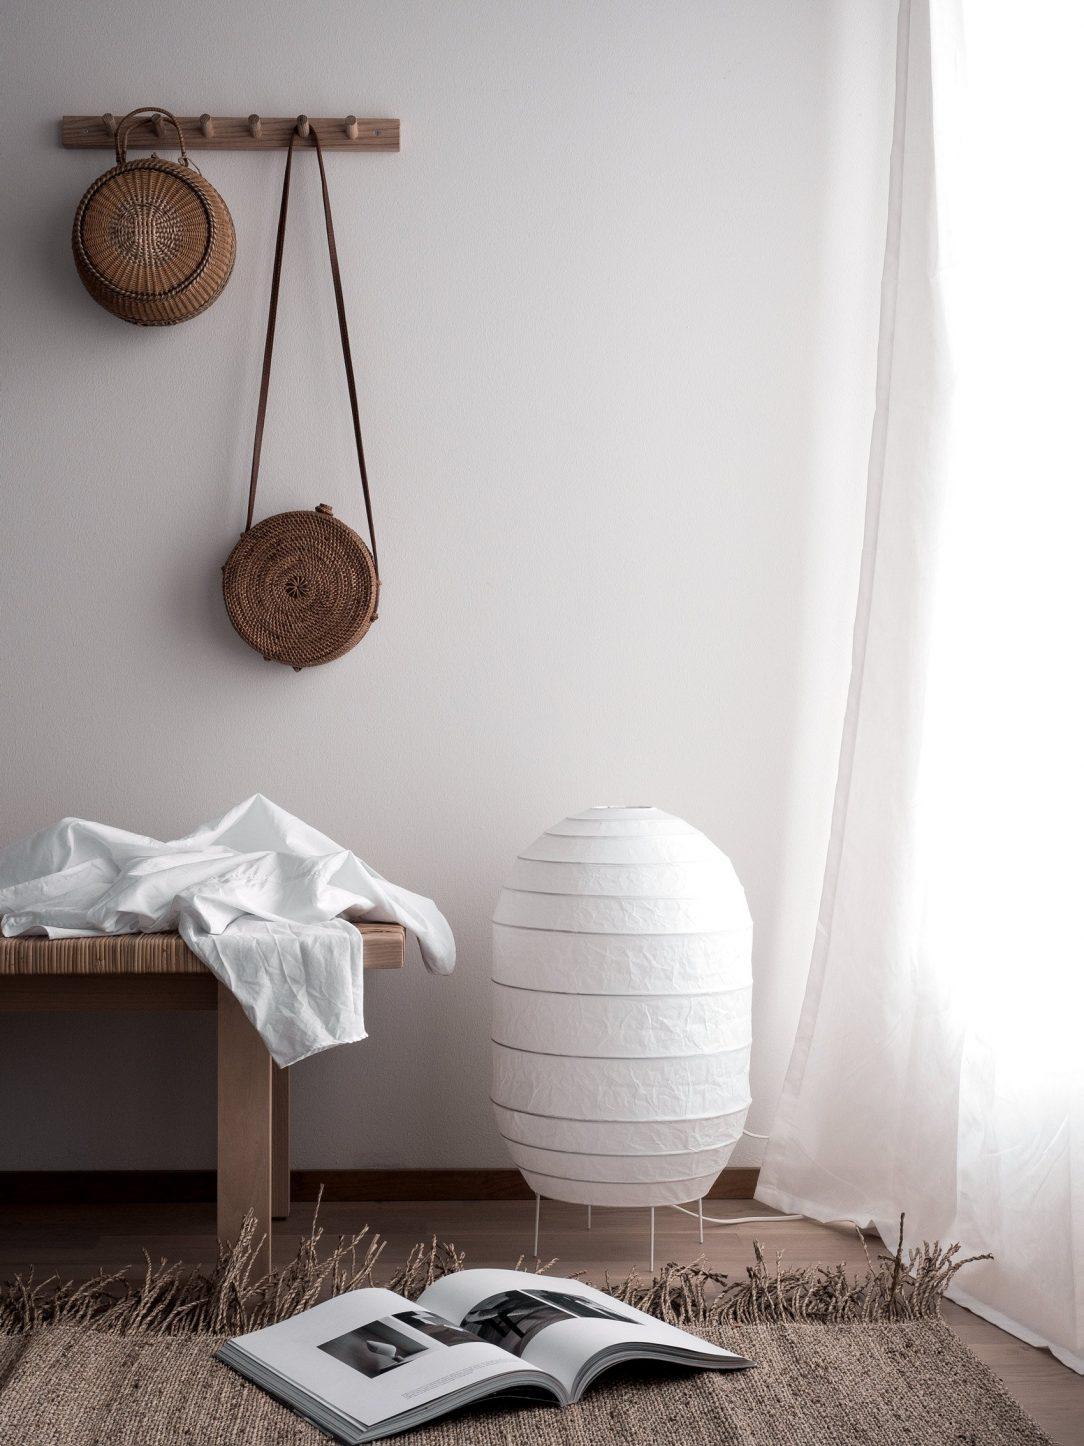 kandinávske doplnky sú zamerané na vytvorenie pohodlia ktoré interiéru dávajú pocit domova